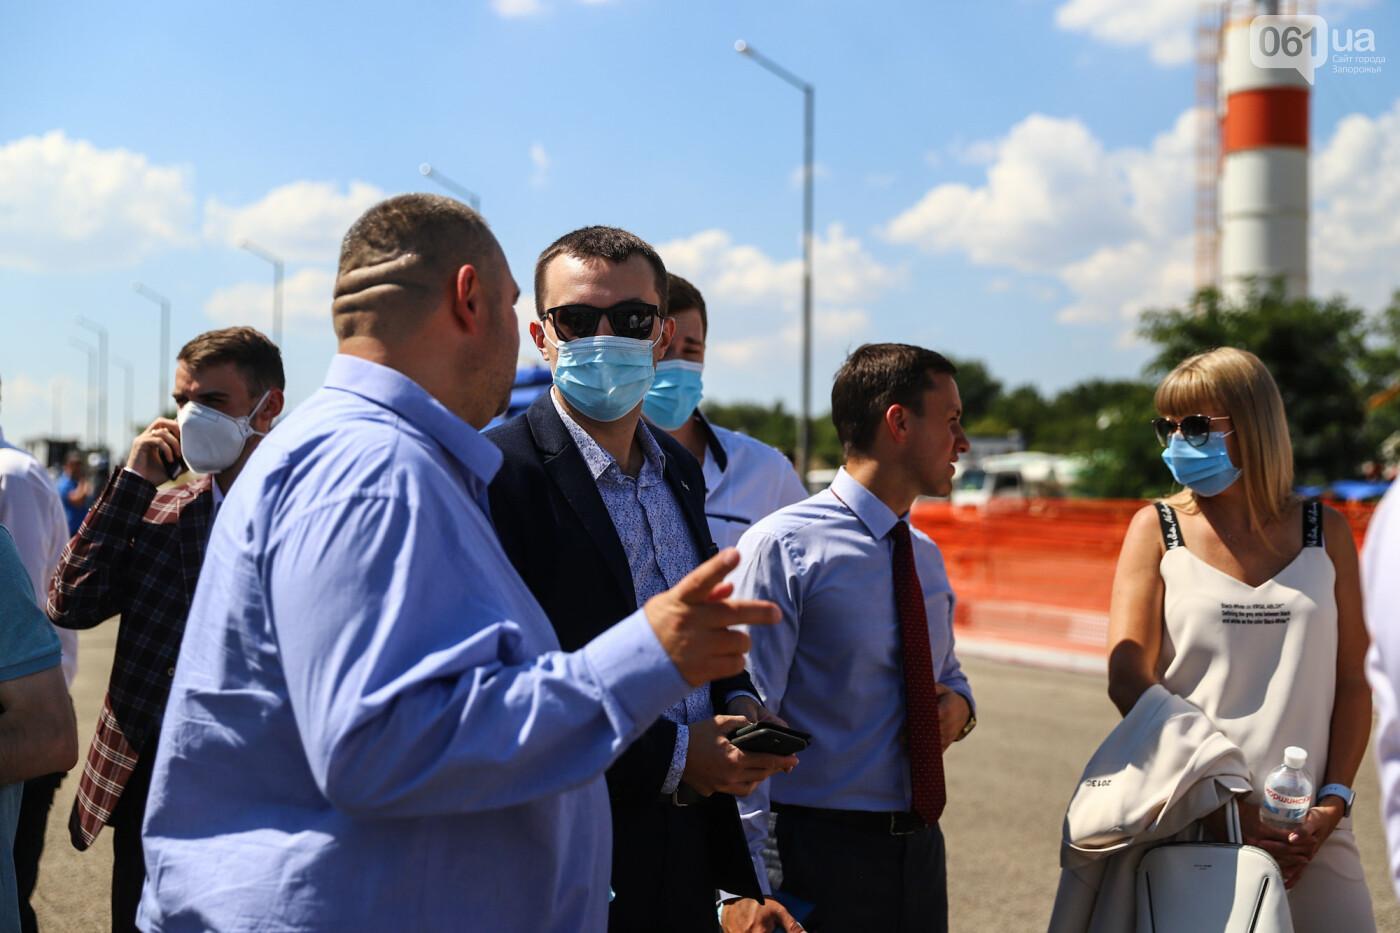 Визит Зеленского в Запорожье в фотографиях и высказываниях, фото-36